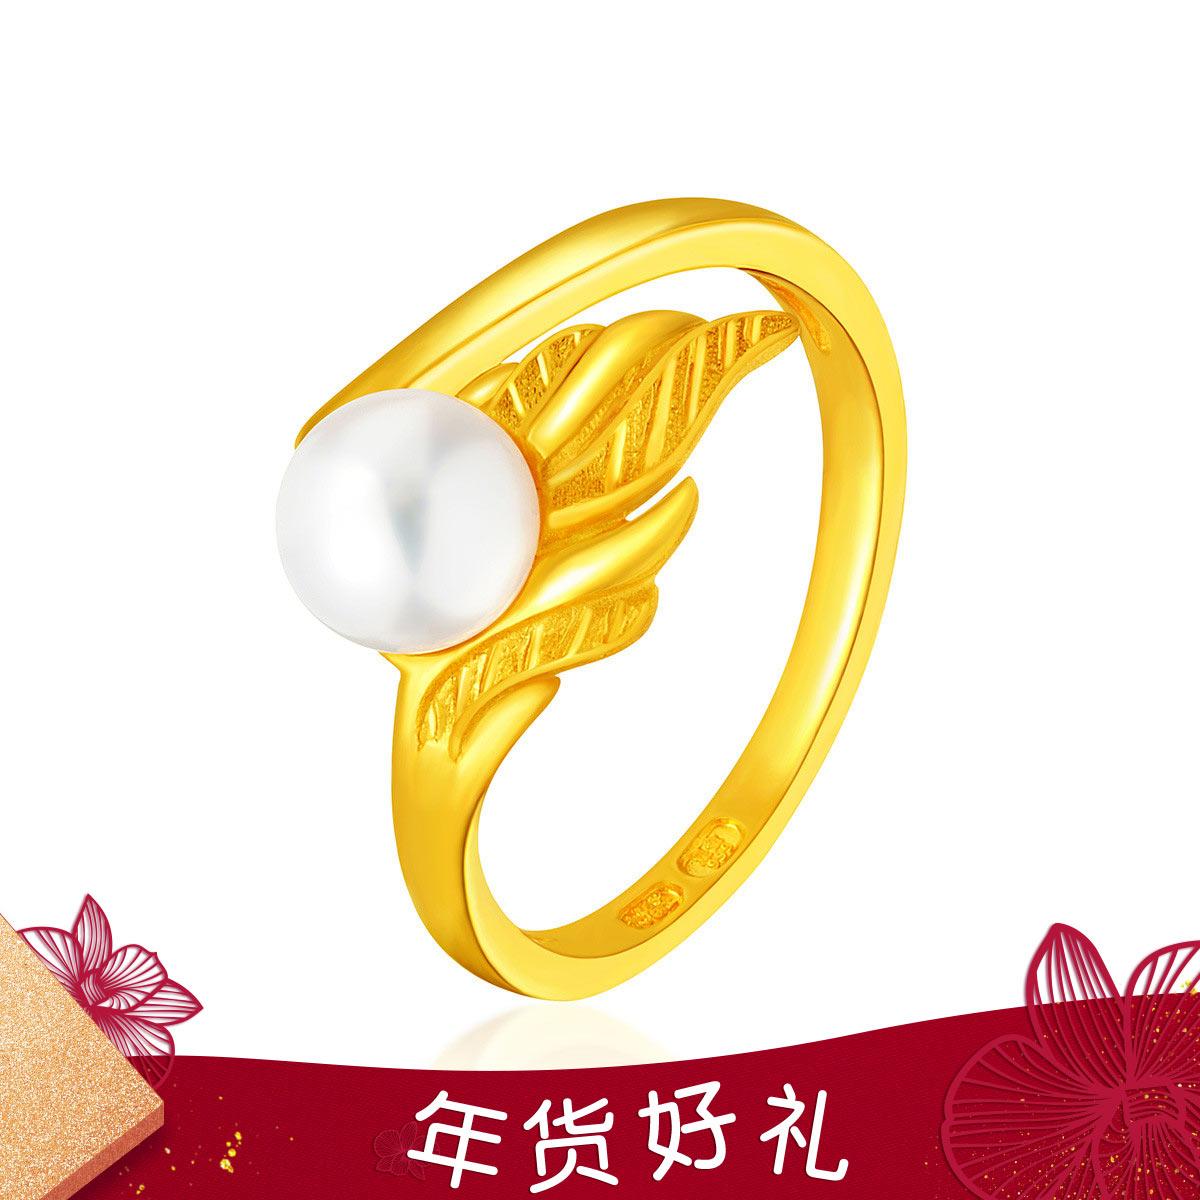 六福珠宝六福珠宝育翼黄金戒指淡水珍珠活口戒女款计价HXGTBR0002